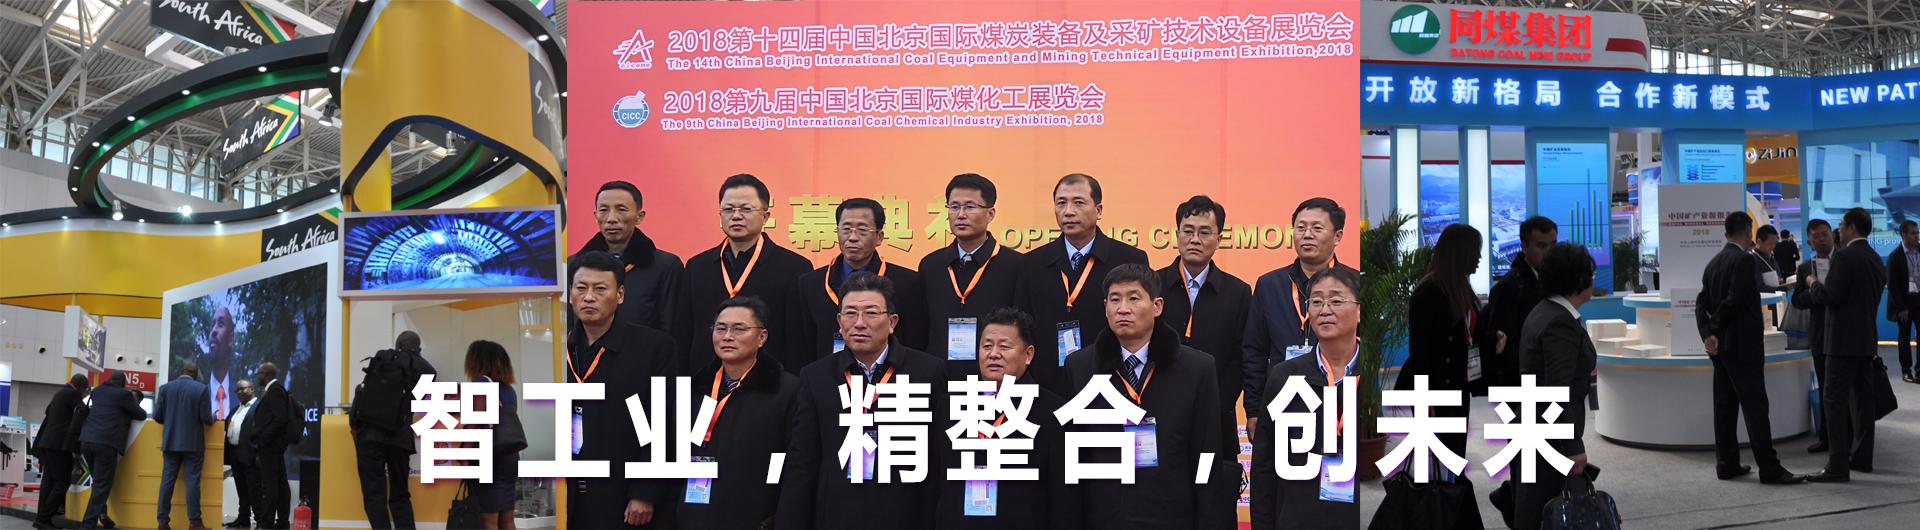 第十六届中国北京国际煤炭采矿技术及设备展览会概况